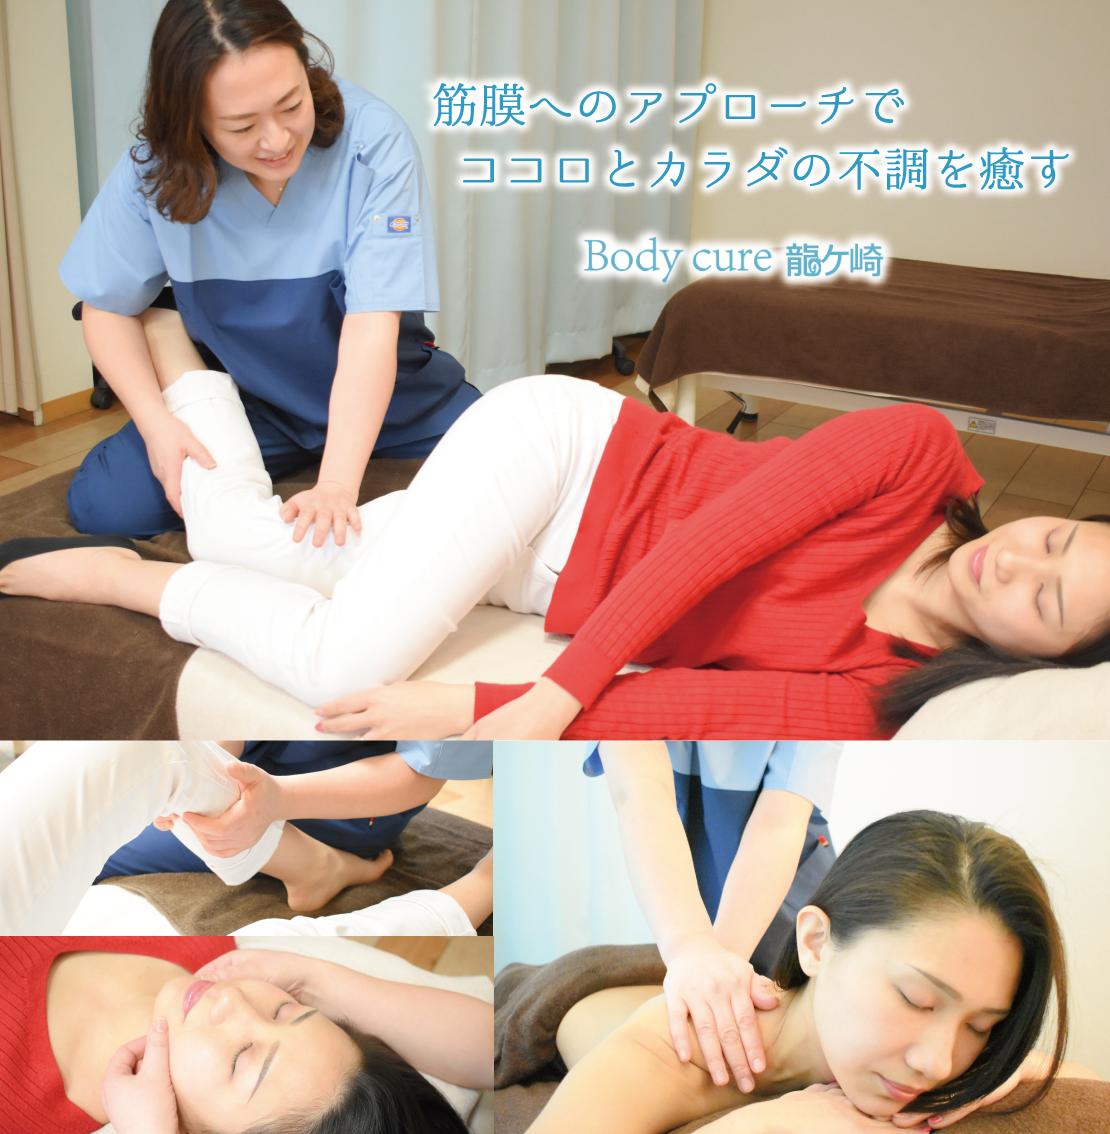 ボディキュア 龍ケ崎(Body cure)のメイン画像